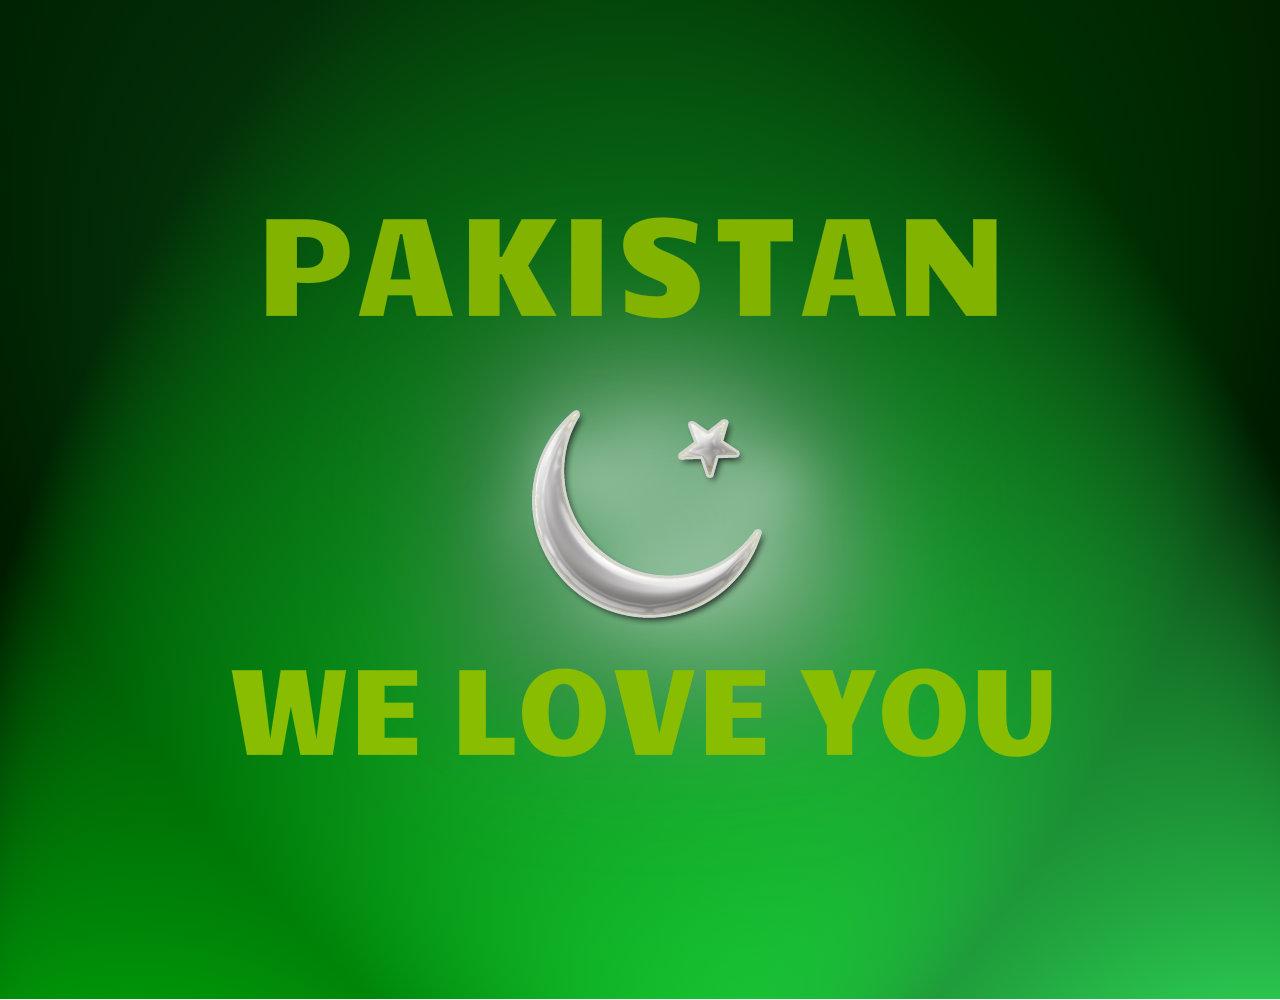 I Love Pakistan Wallpapers Wallpapersafari